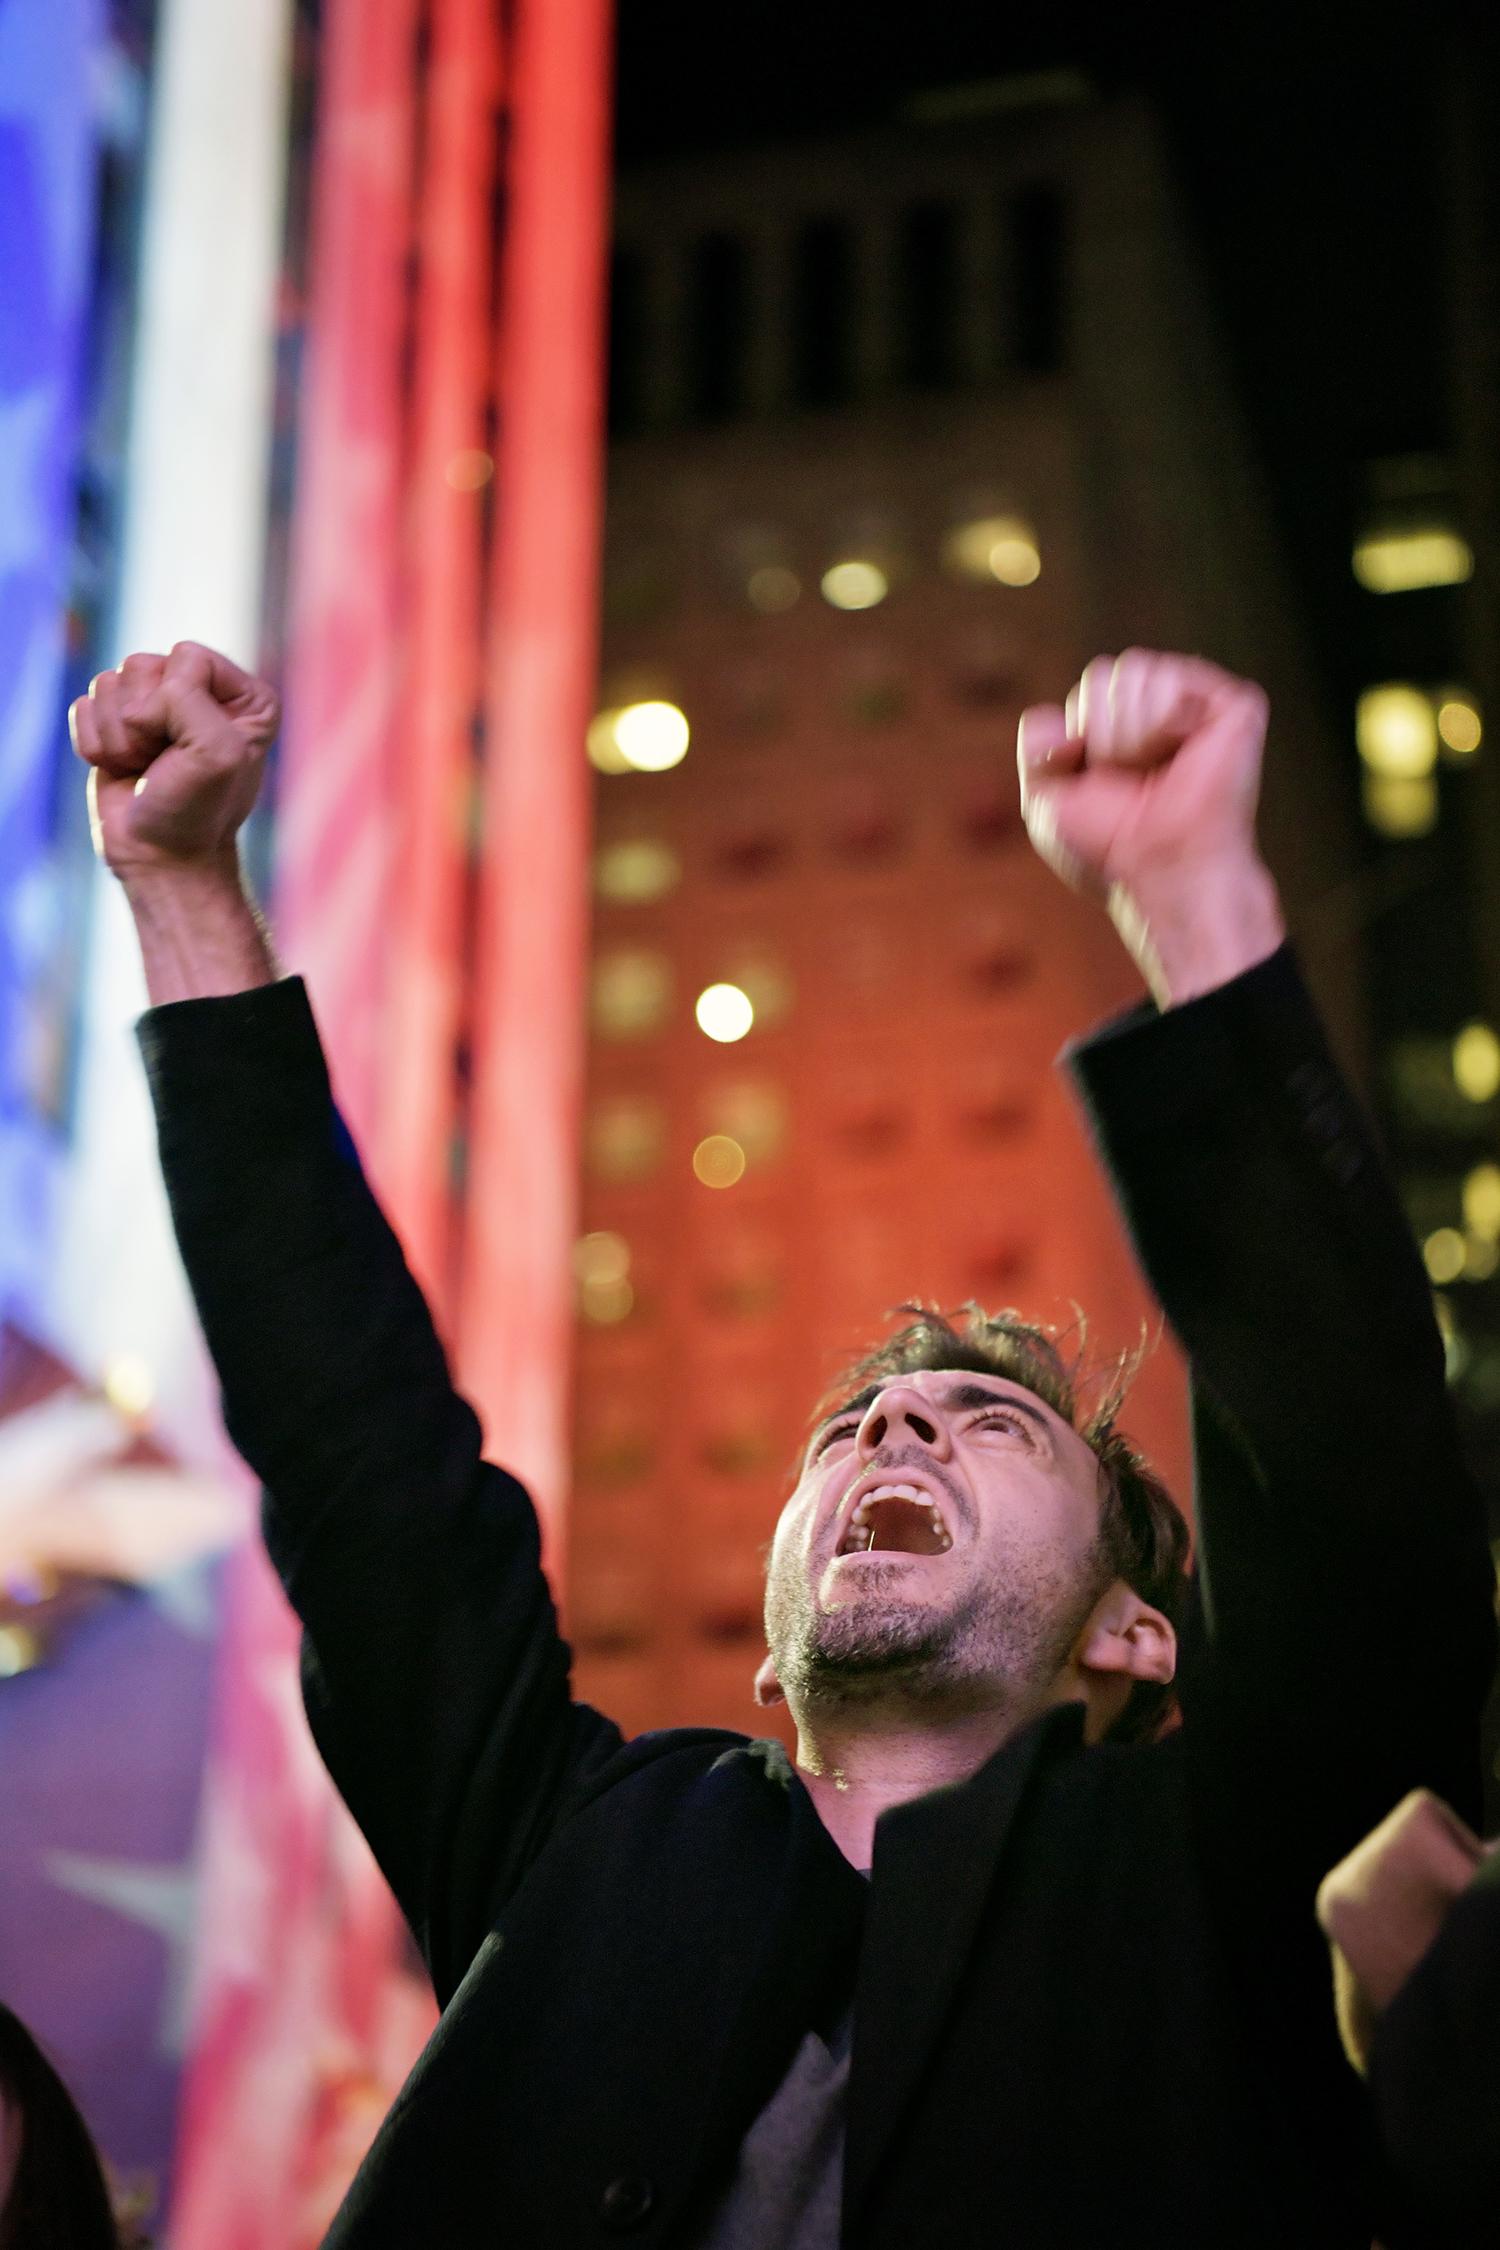 valet i usa. valnatten på times square. glada republikaner väntar på det slutgiltiga resultatet på fox news stora skärm